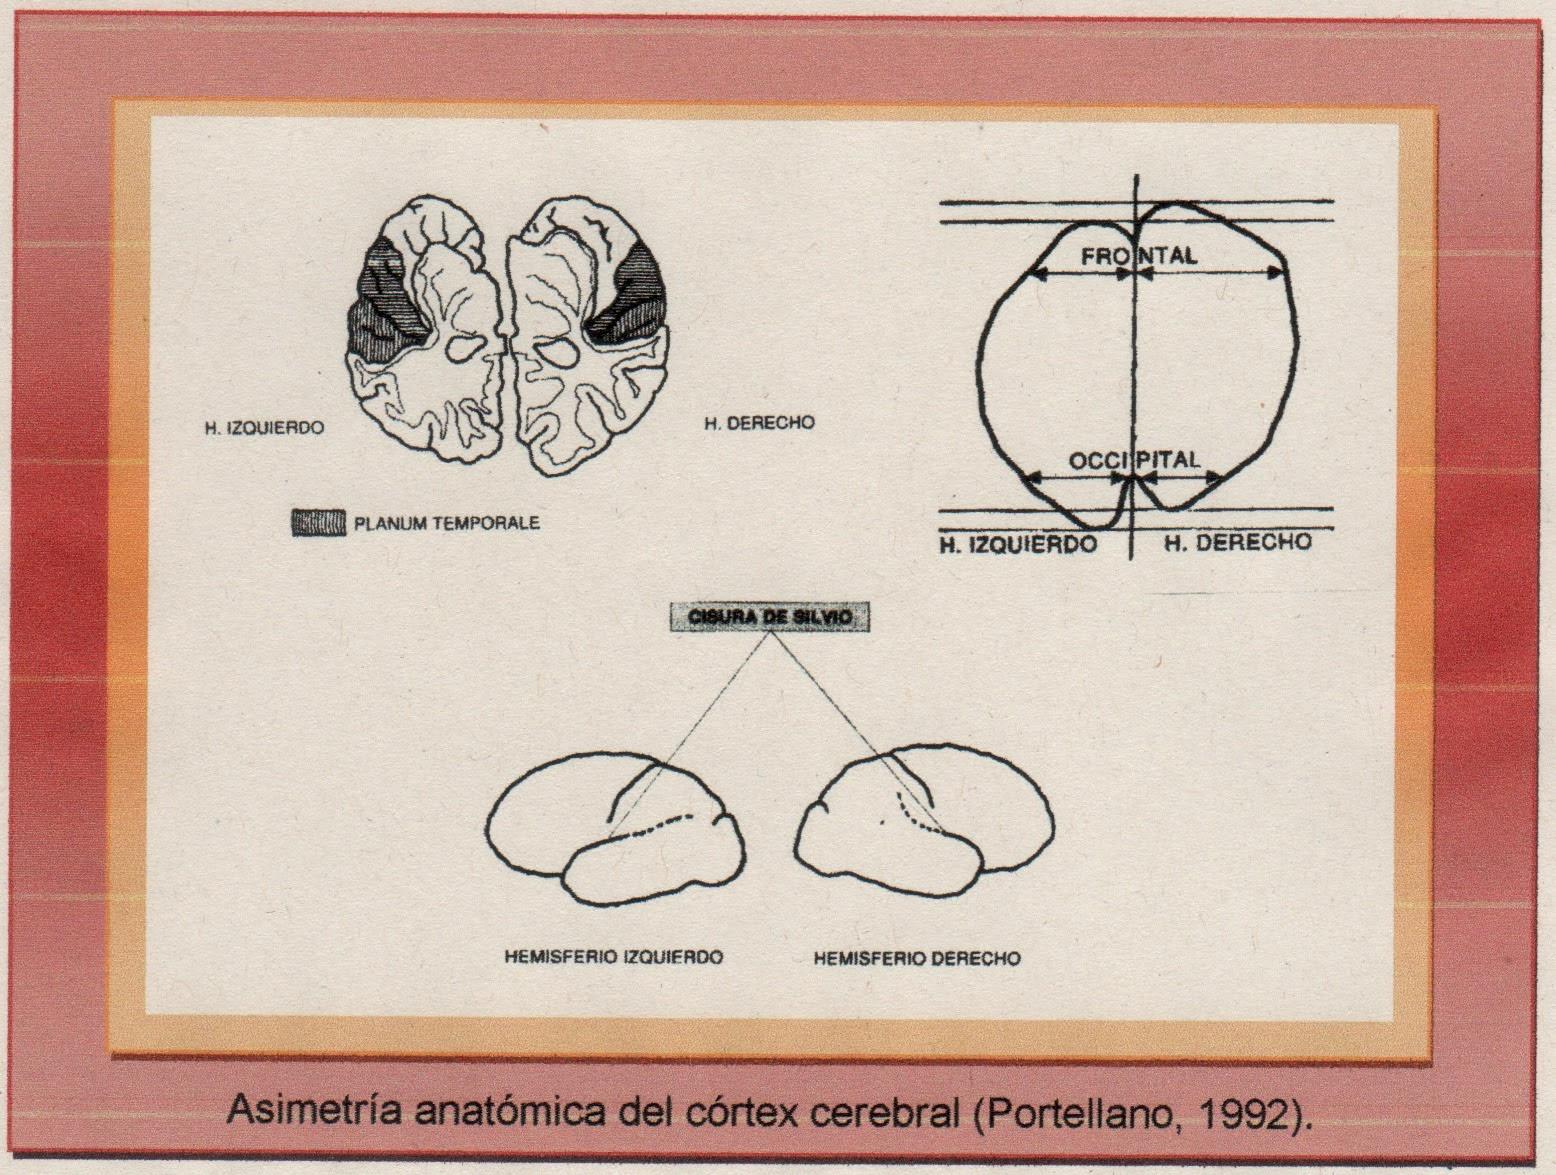 Psicobiología del género Homo: Asimetrías cerebrales